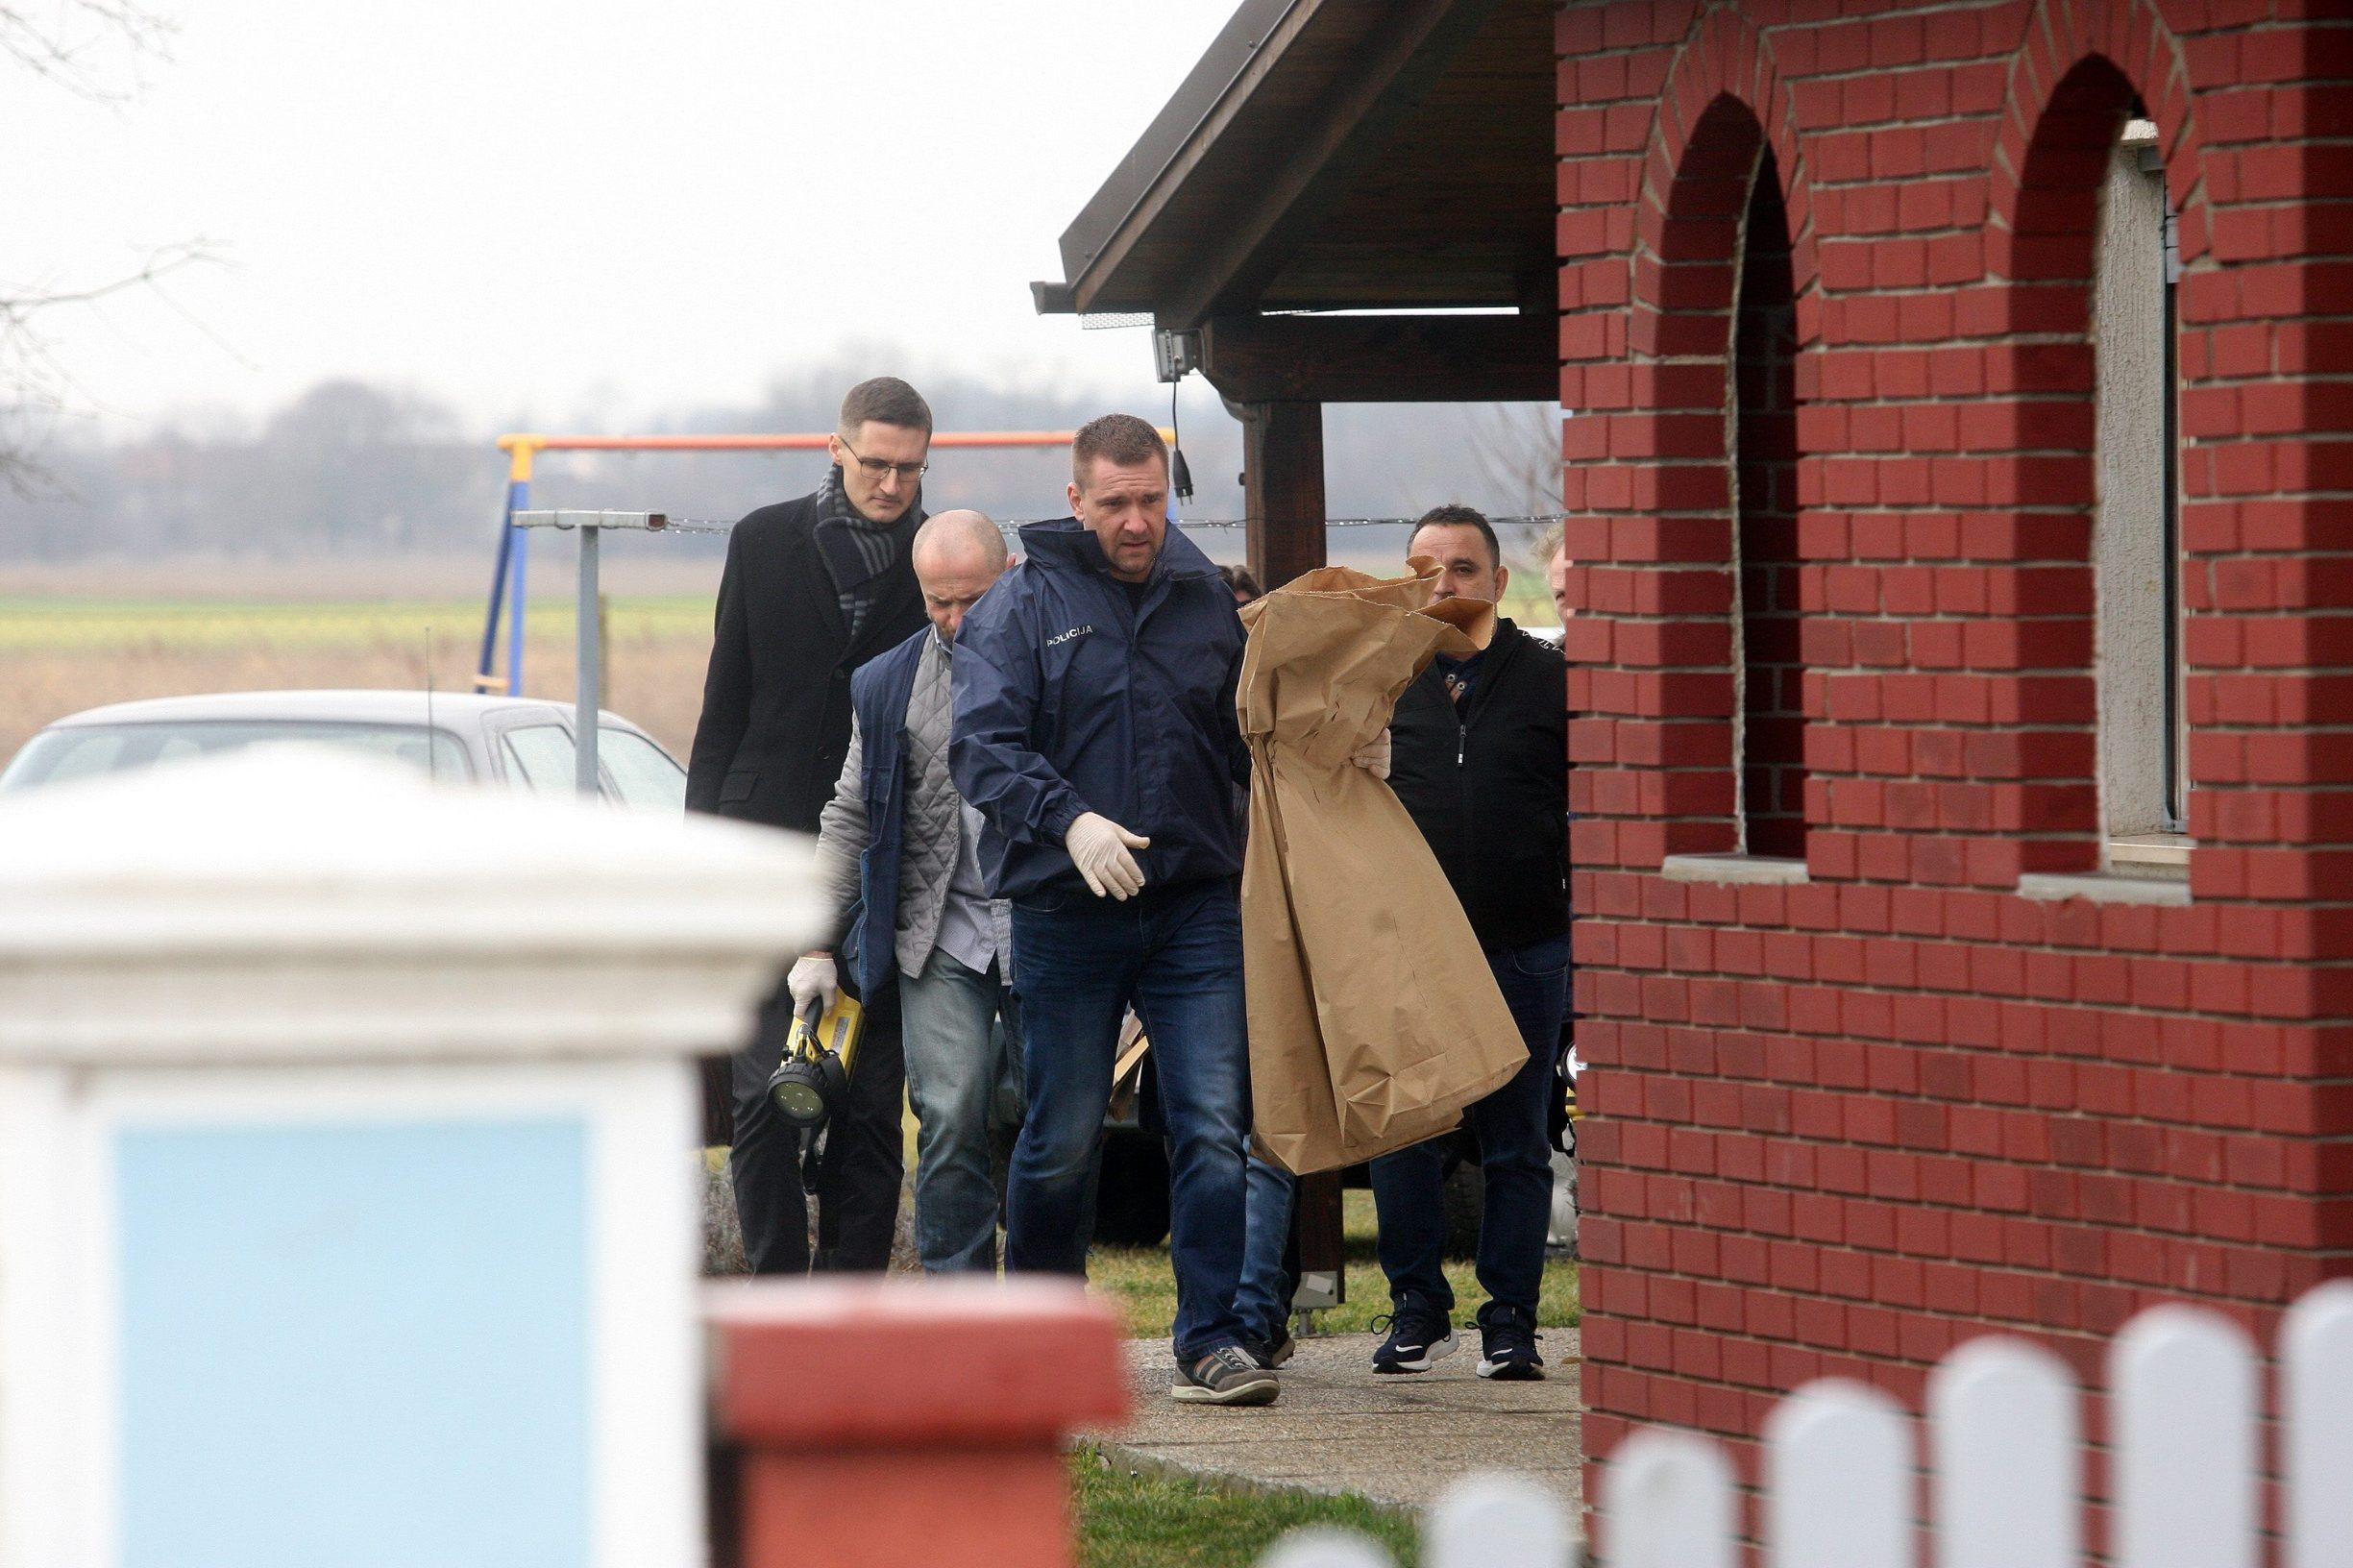 Pretres kuće u Palovcu: policija odnosi dokaze, nazočan je i odvjetnik Krešimir Golubić